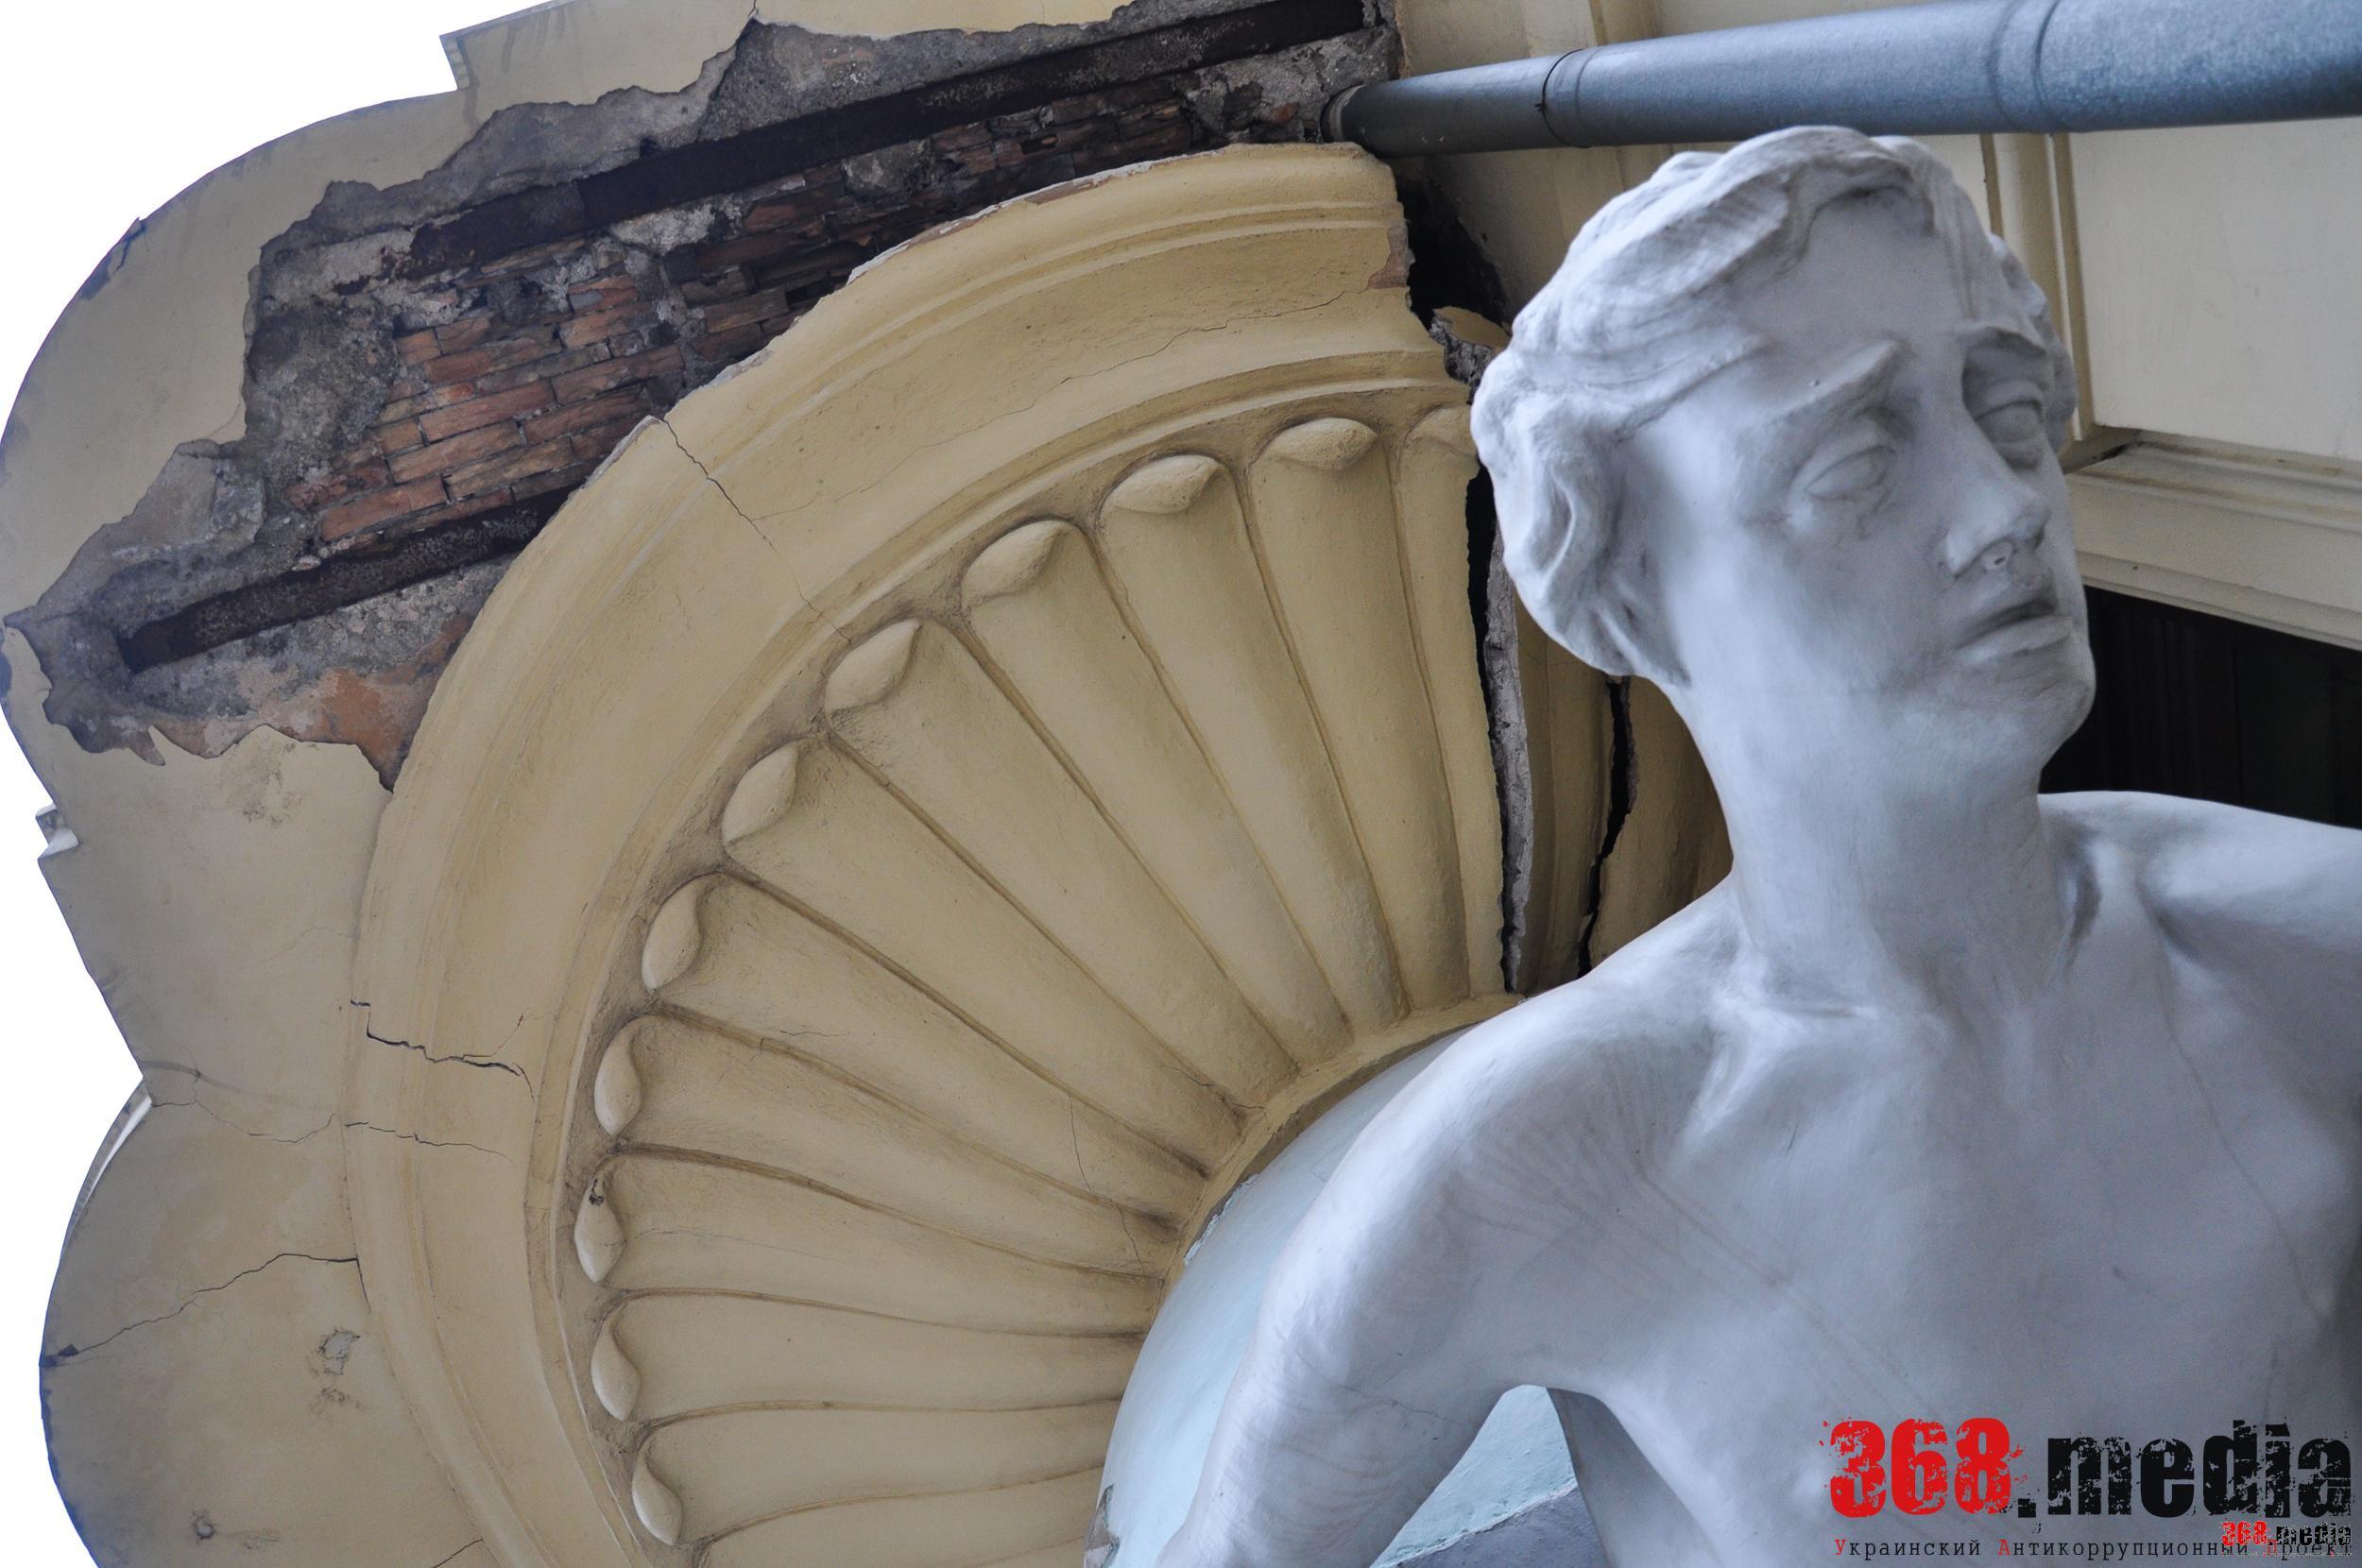 Одесский «Дом с атлантами» находится в плачевном состоянии (фото)